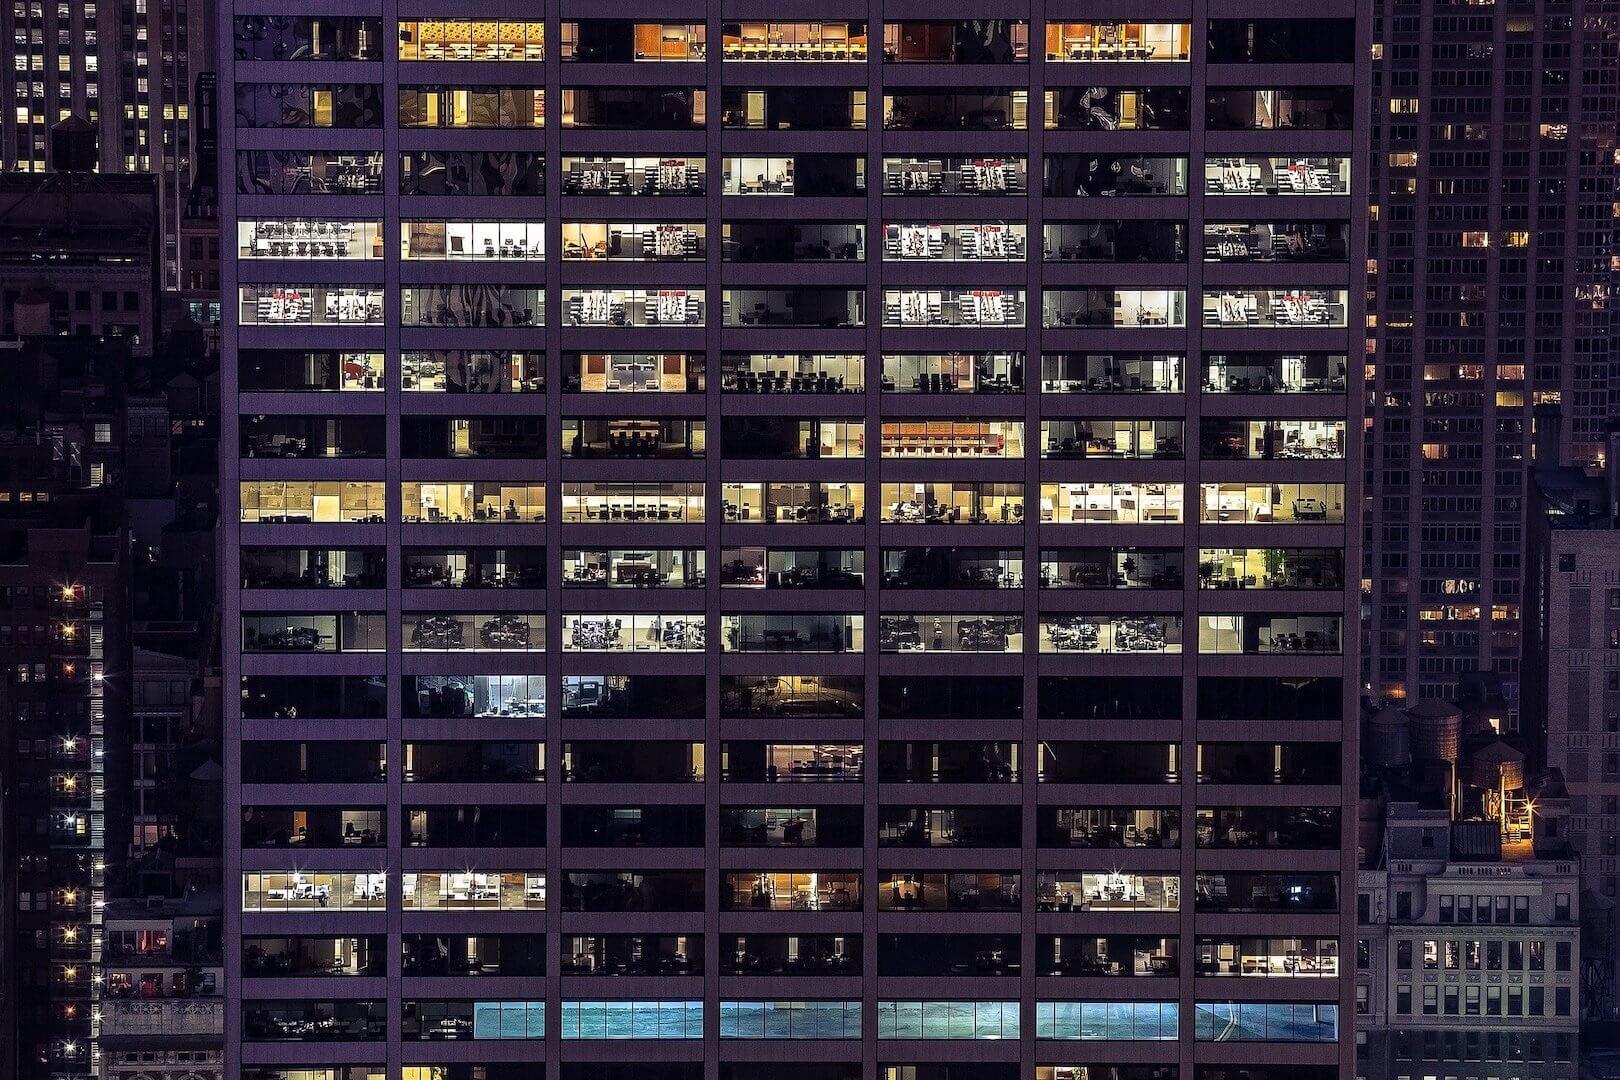 Bâtiment de bureaux avec les lumières allumées la nuit